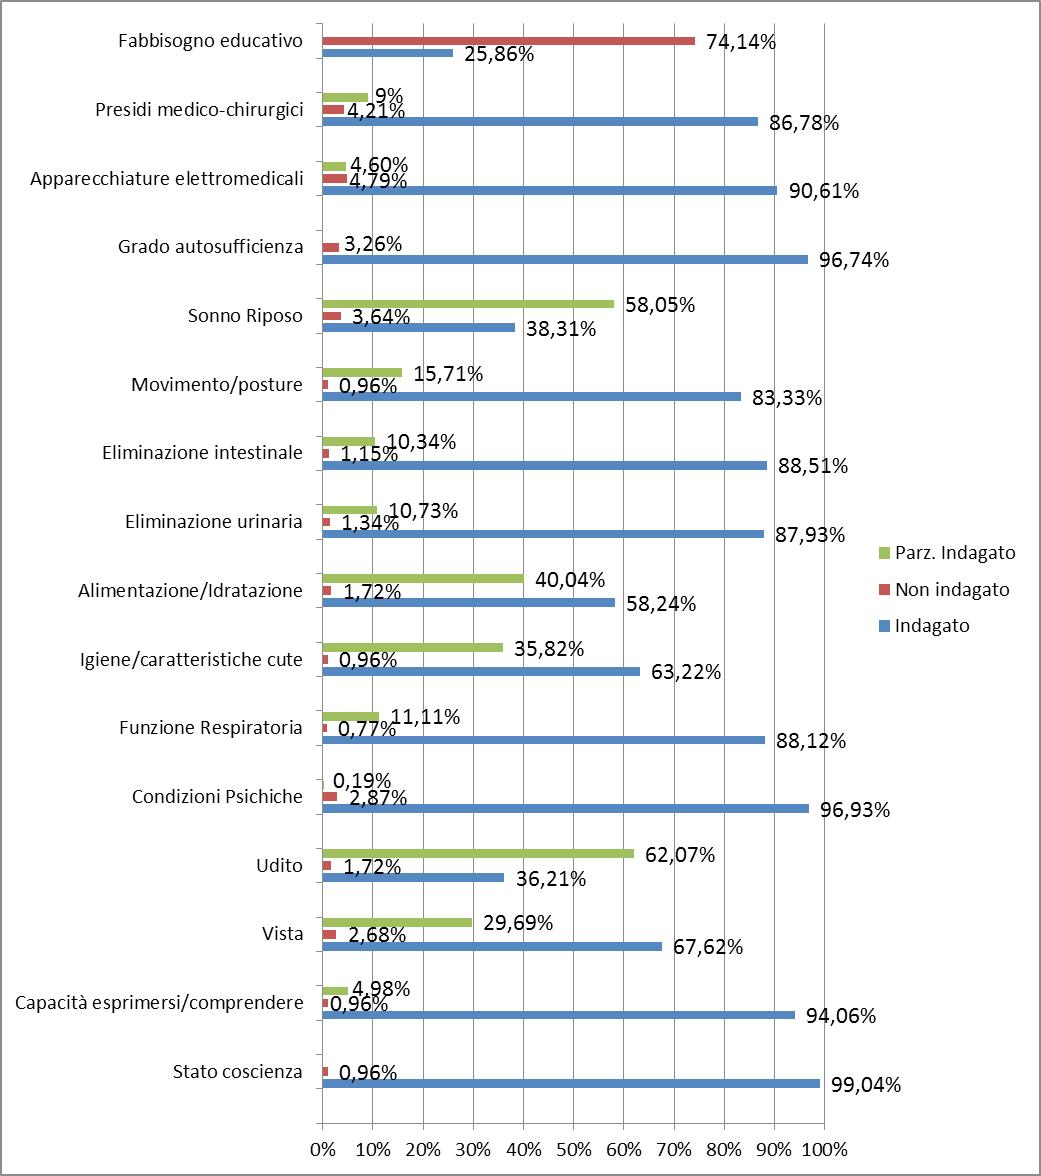 Figura 2 - Presenza delle informazioni relative ai dati dell'accertamento clinico